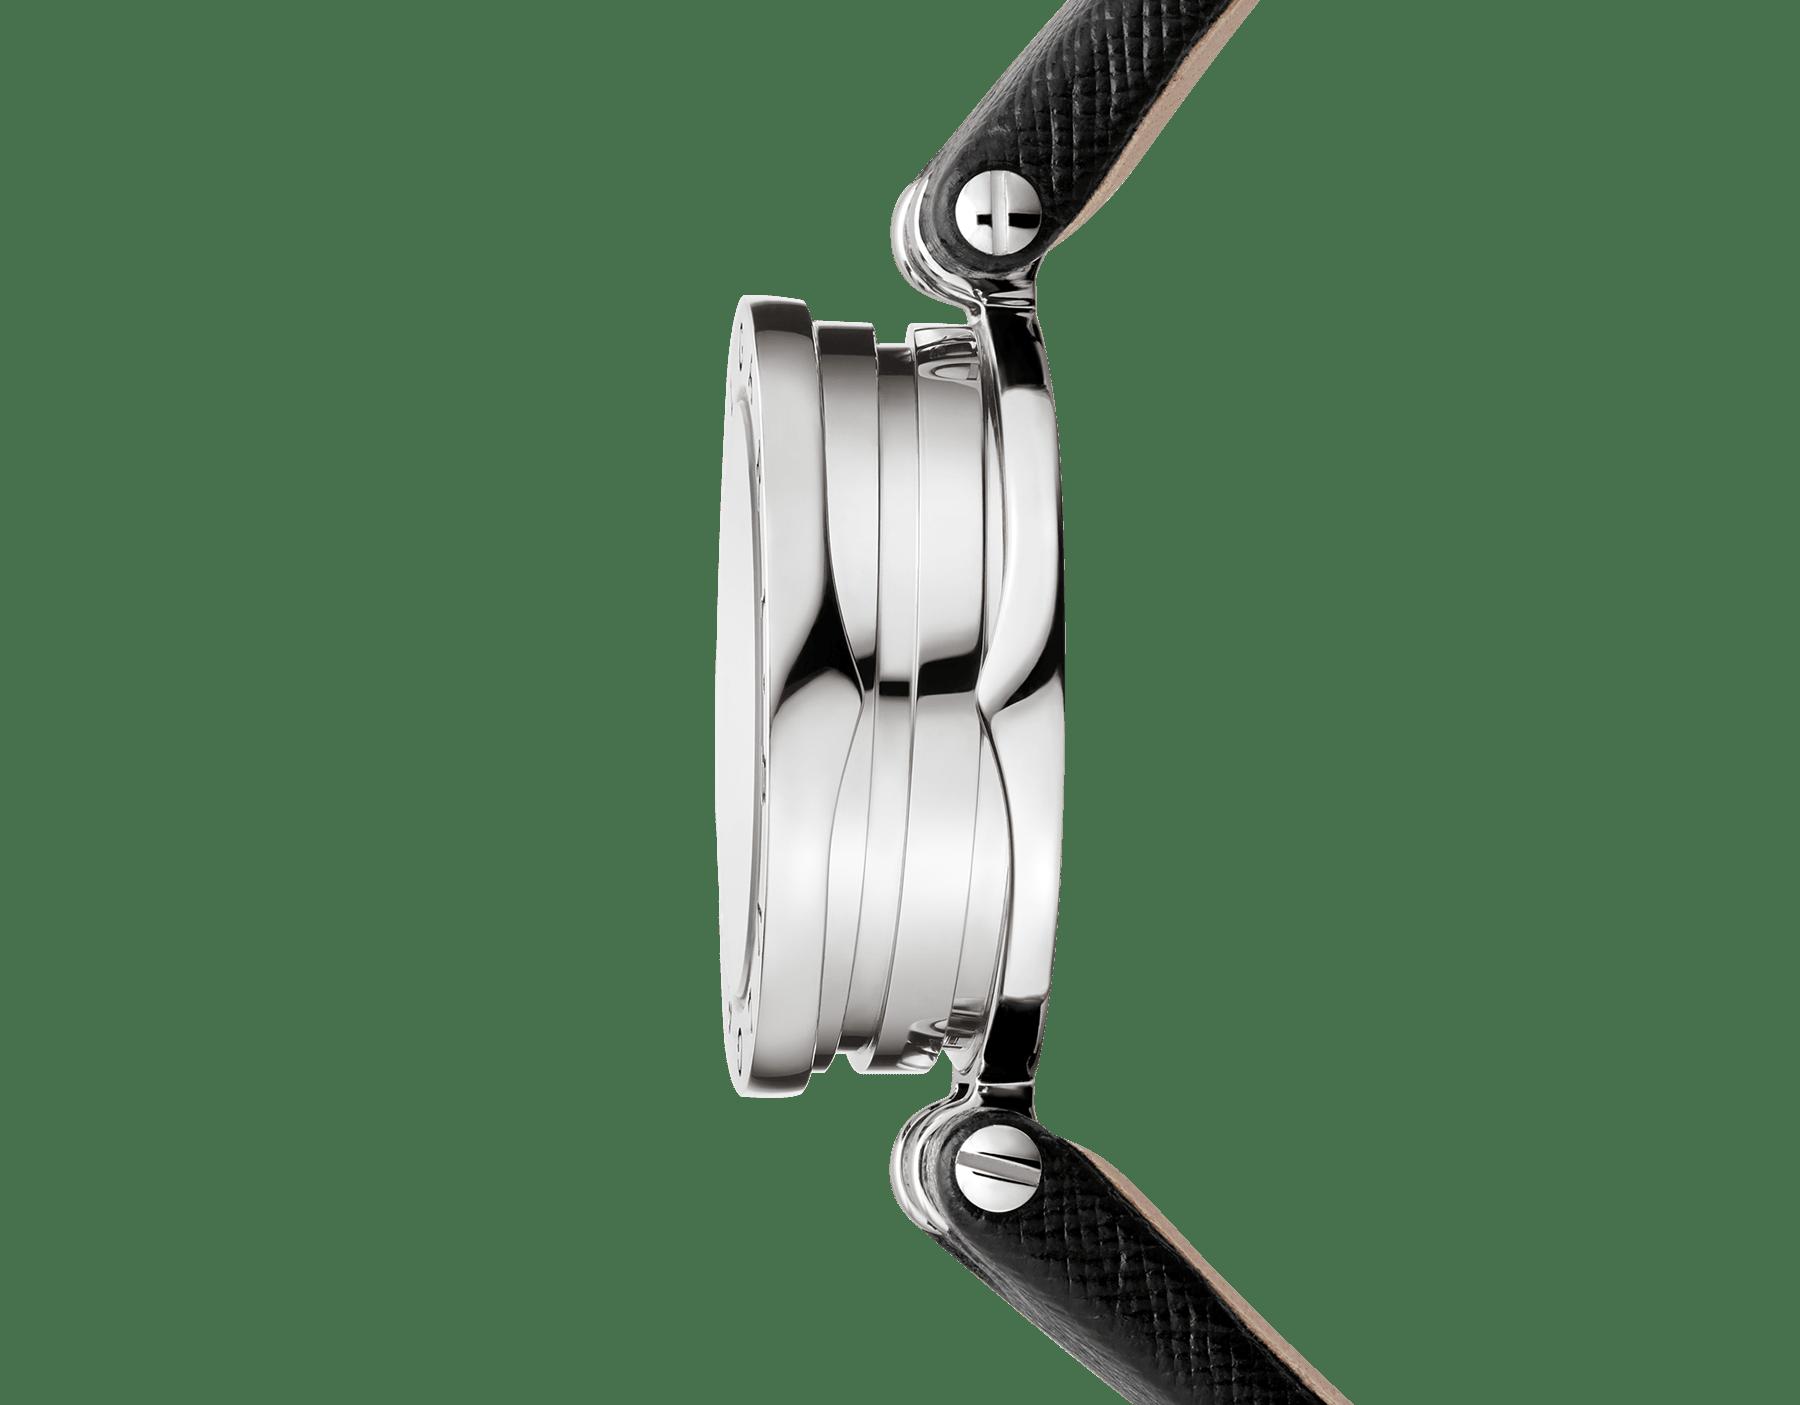 Orologio B.zero1 con cassa in acciaio inossidabile, spirale in ceramica nera quadrante laccato nero e cinturino in pelle nera. 102179 image 3